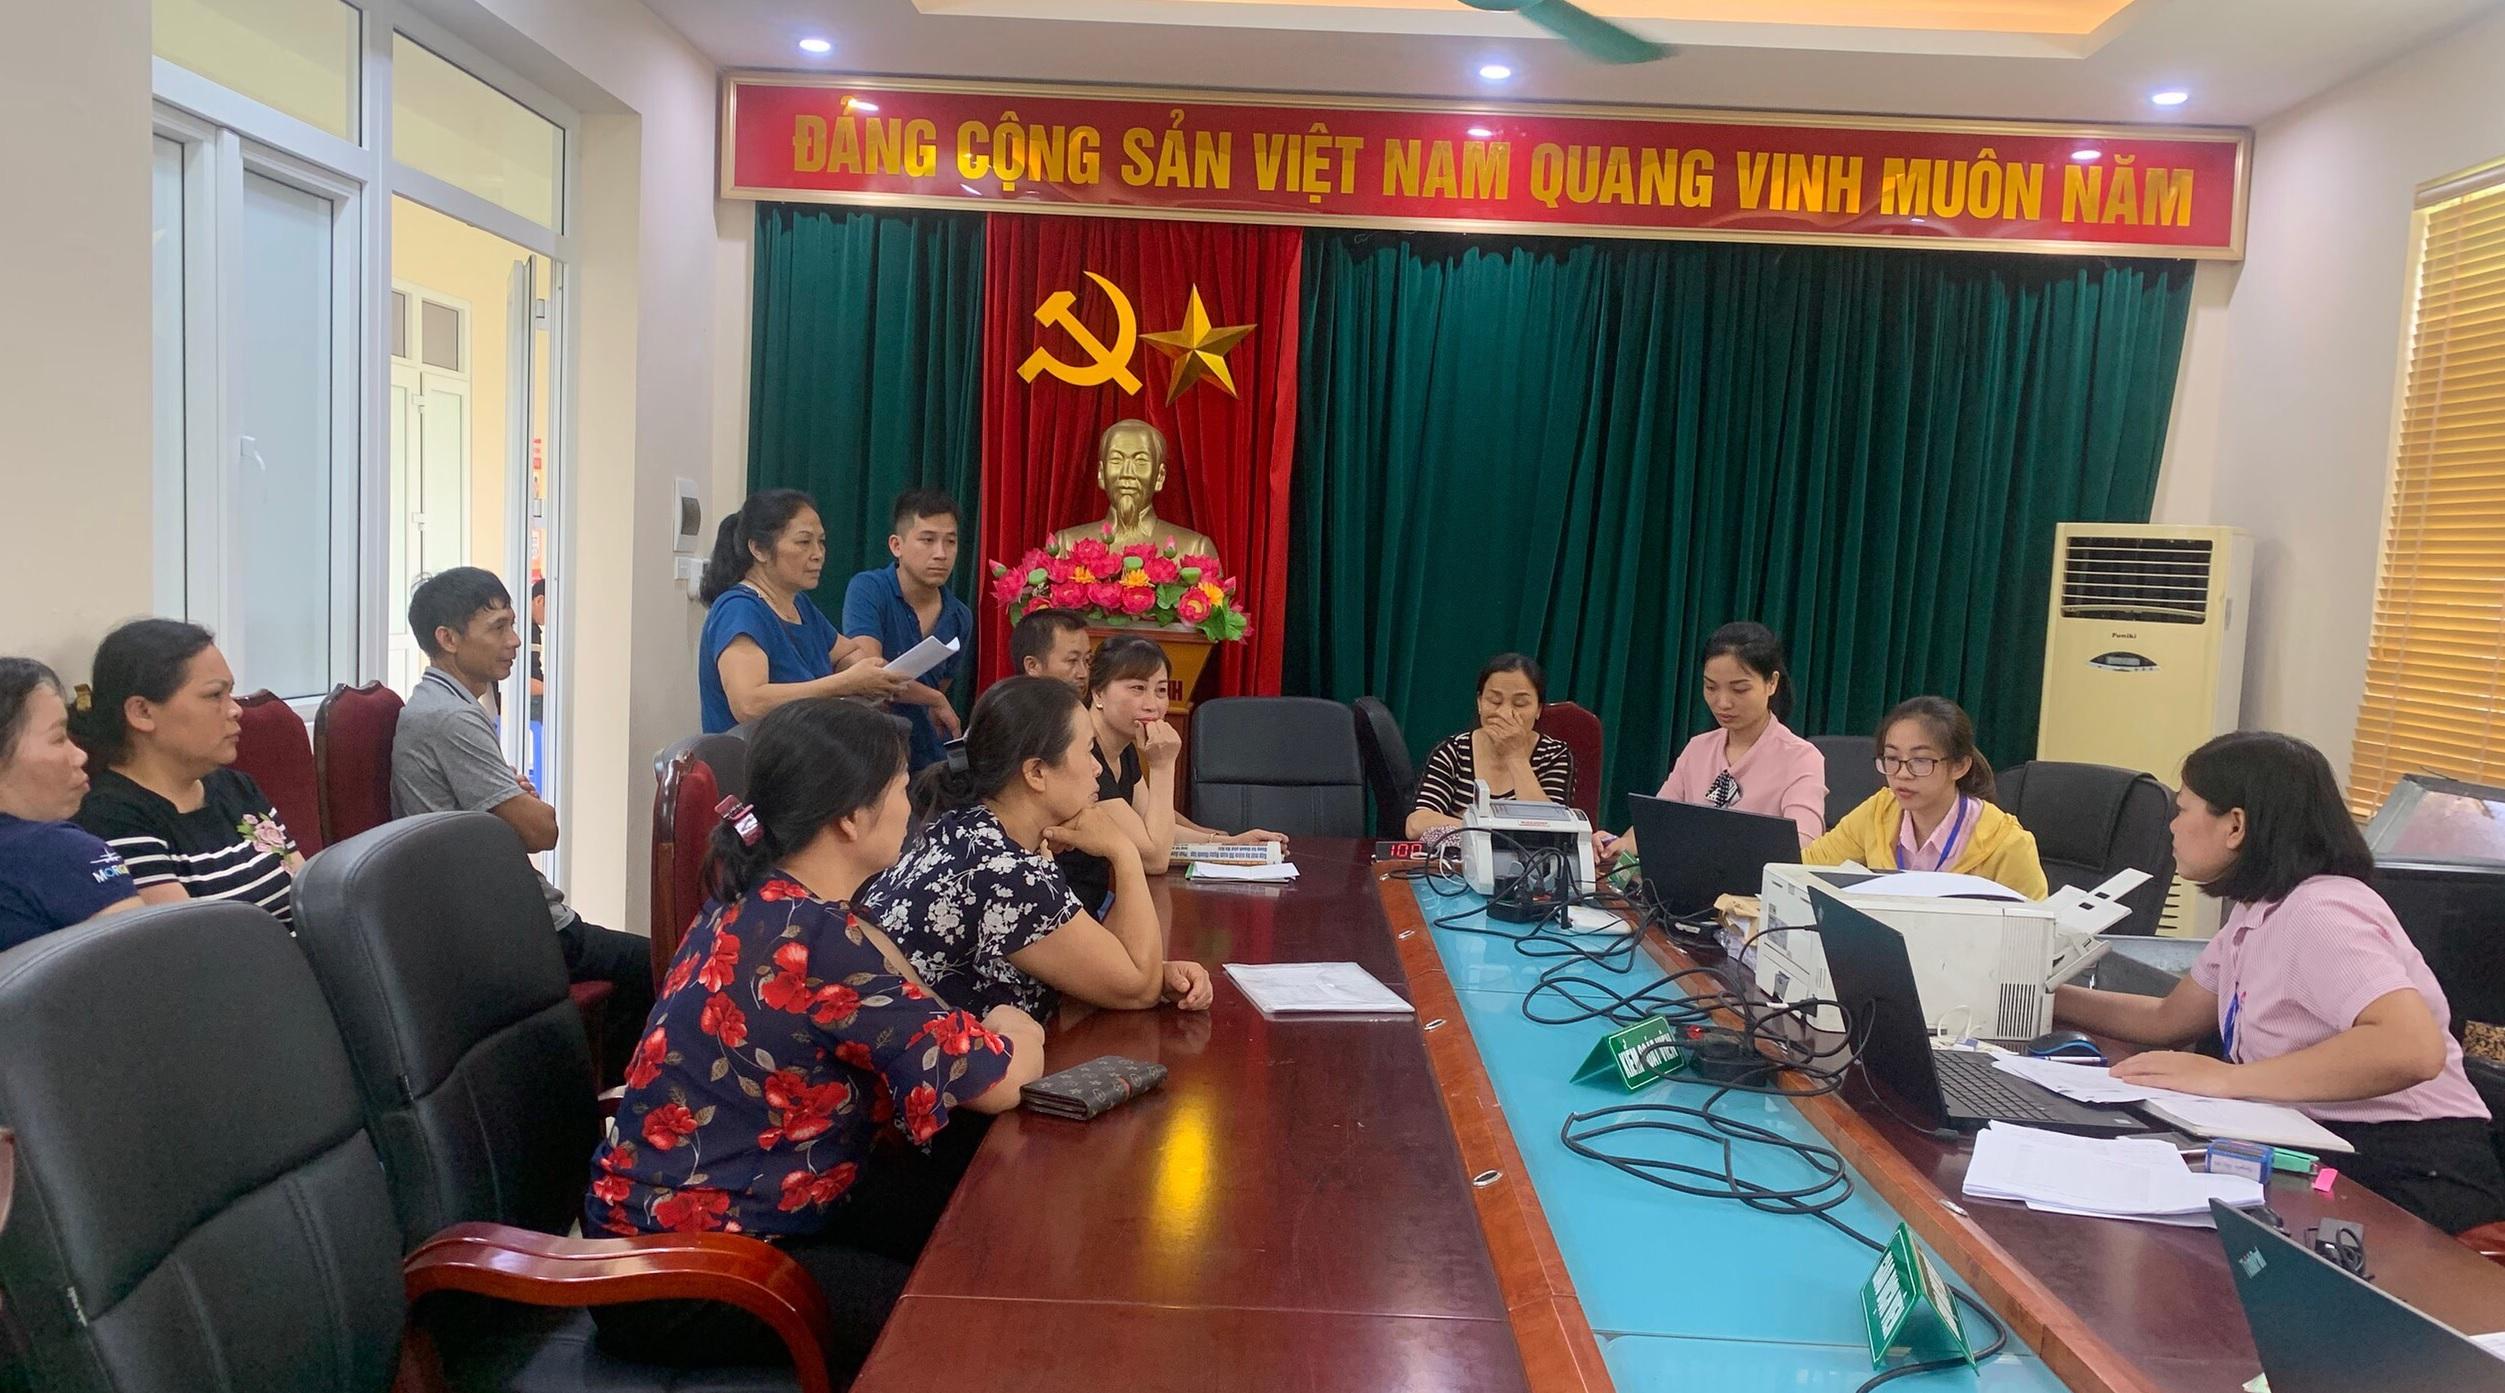 Hội LHPN phường Yên Nghĩa làm tốt công tác quản lý nguồn vốn vay ủy thác của NHCXSH quận Hà Đông và kịp thời hỗ trợ các hộ vay gặp khó khăn  do bị ảnh hưởng của dịch COVID-19